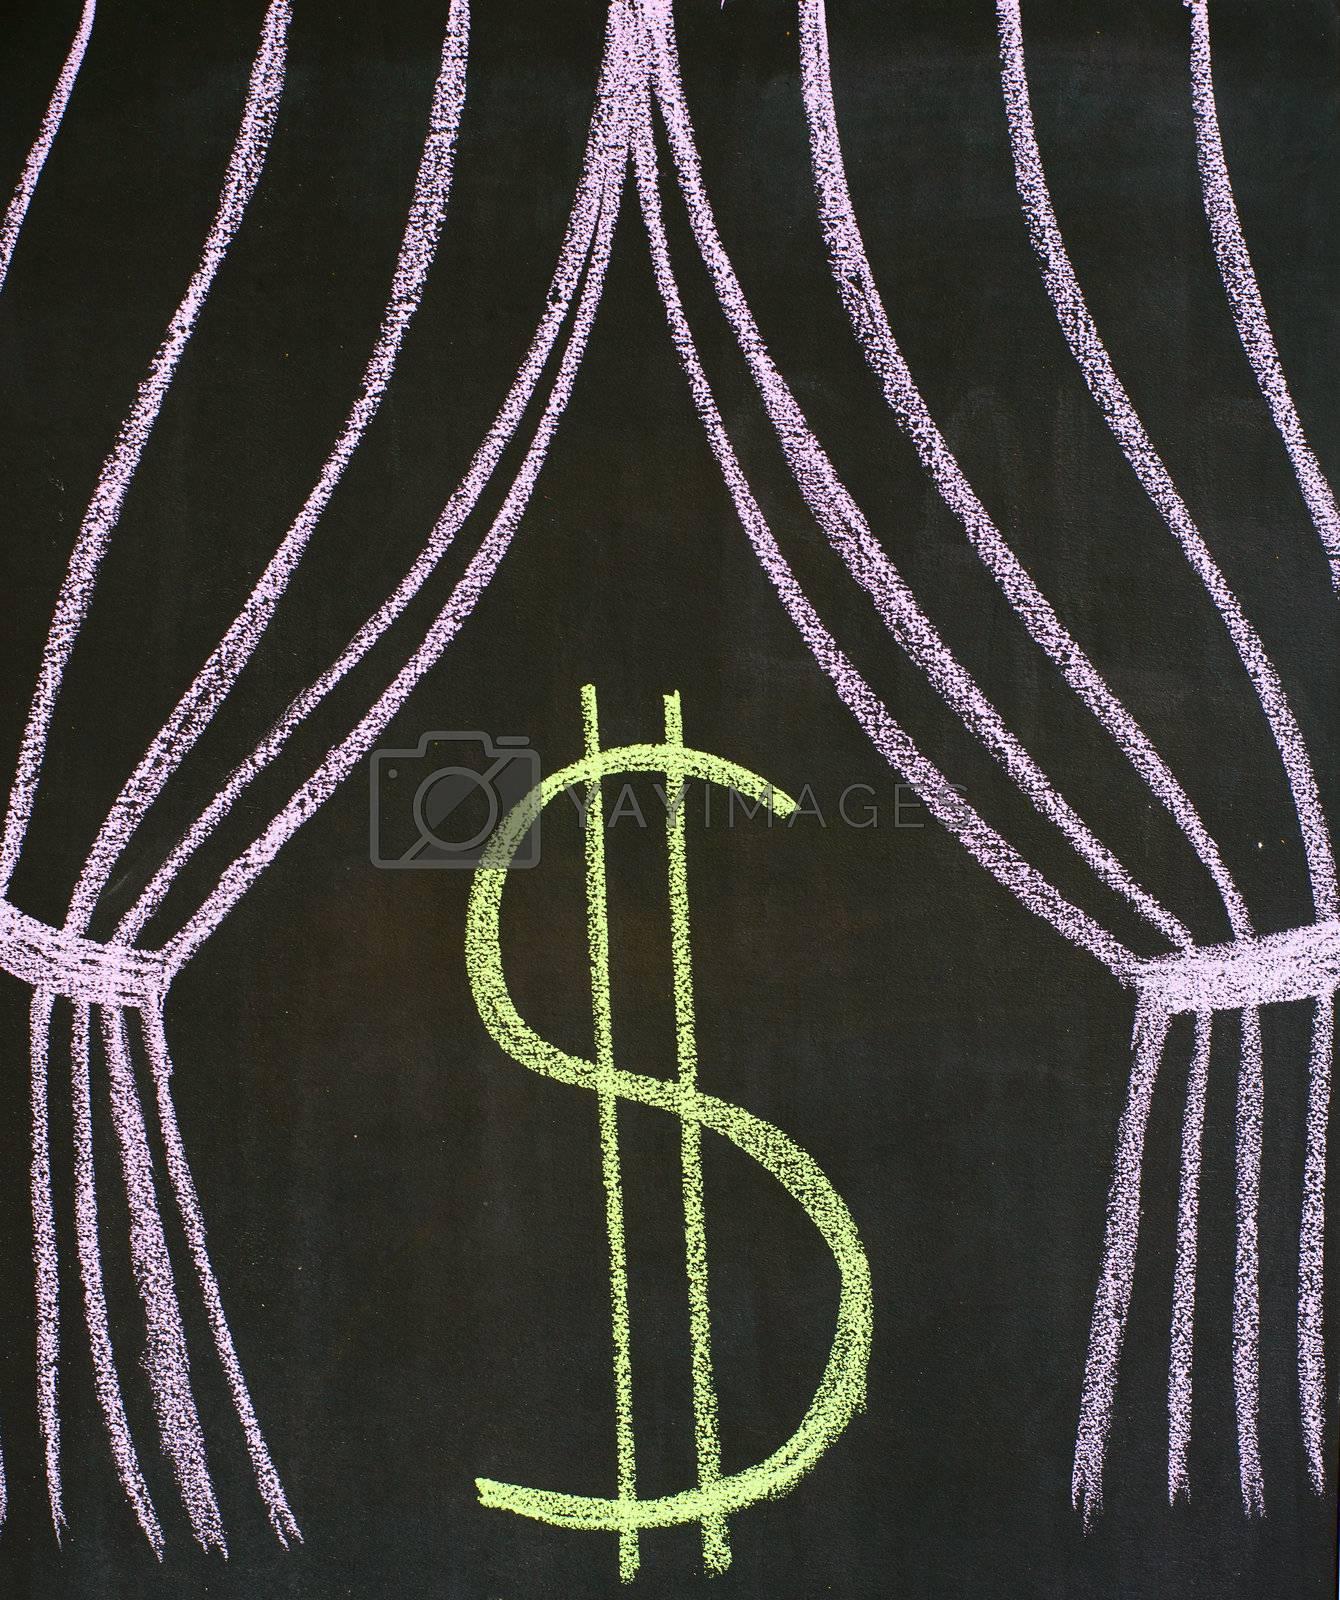 Dollar on a theatrical stage, drawn on a blackboard